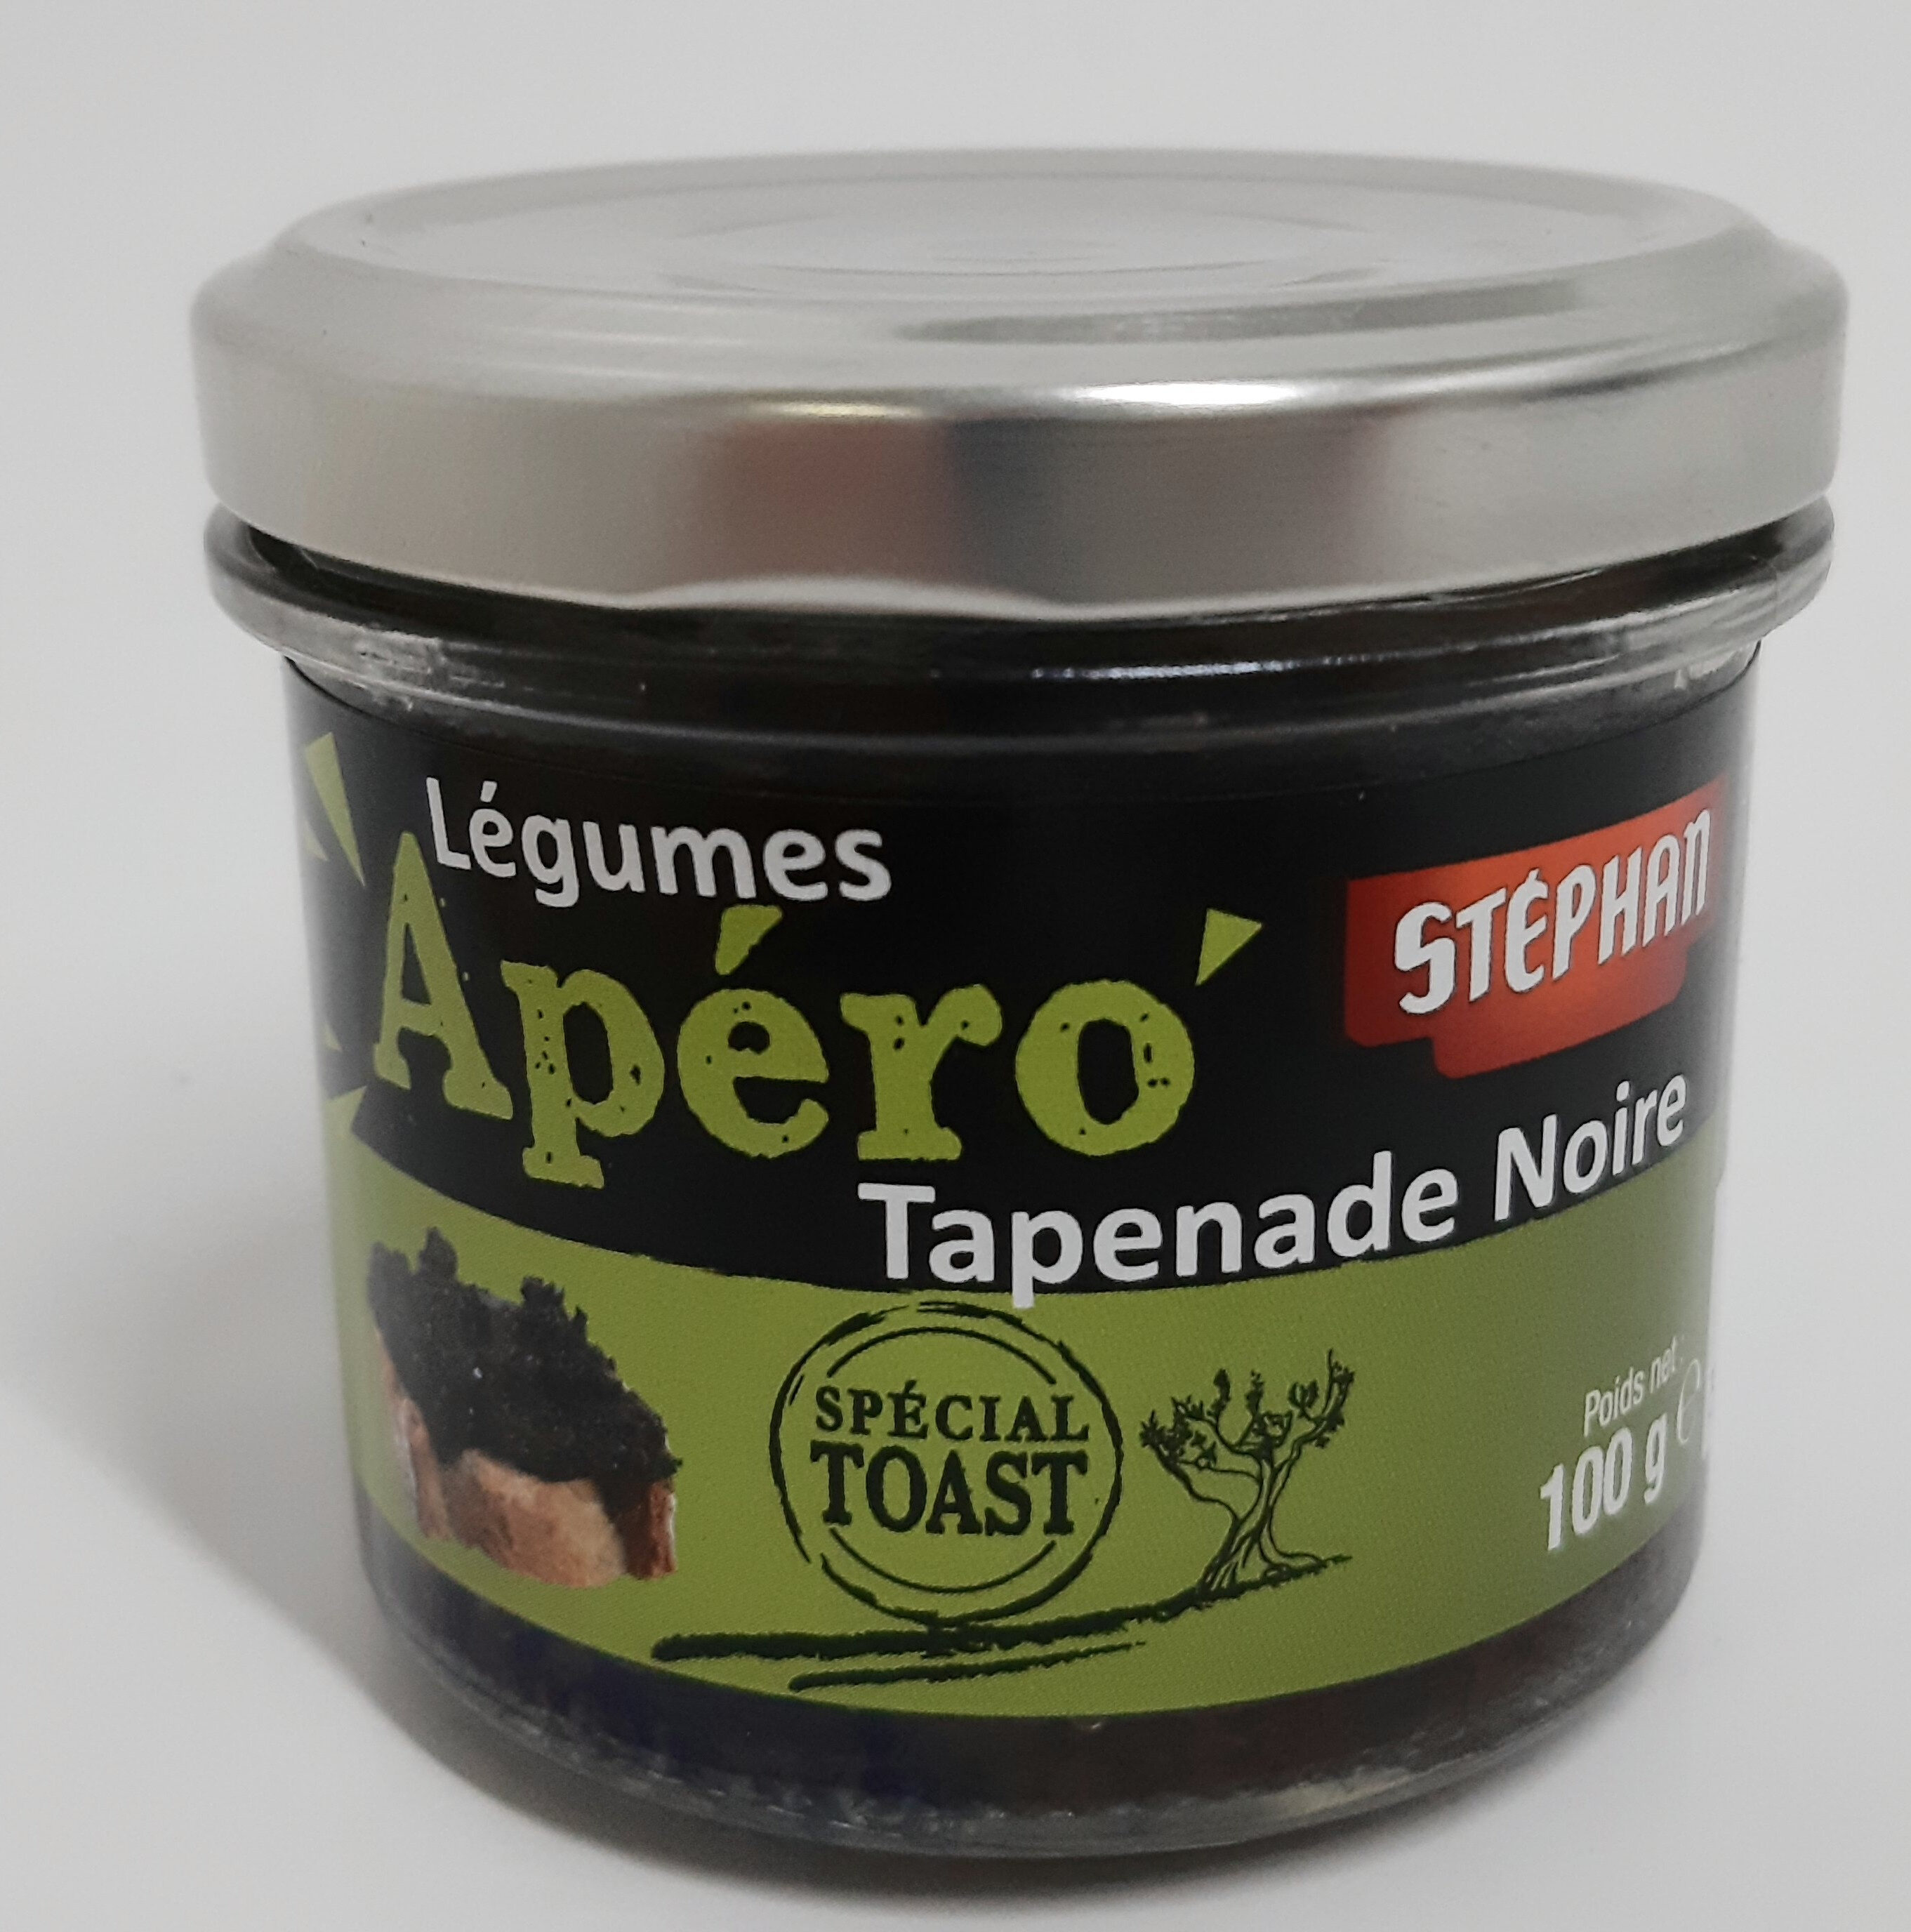 Légumes 'Apéro' Tapenade noire - Produkt - fr